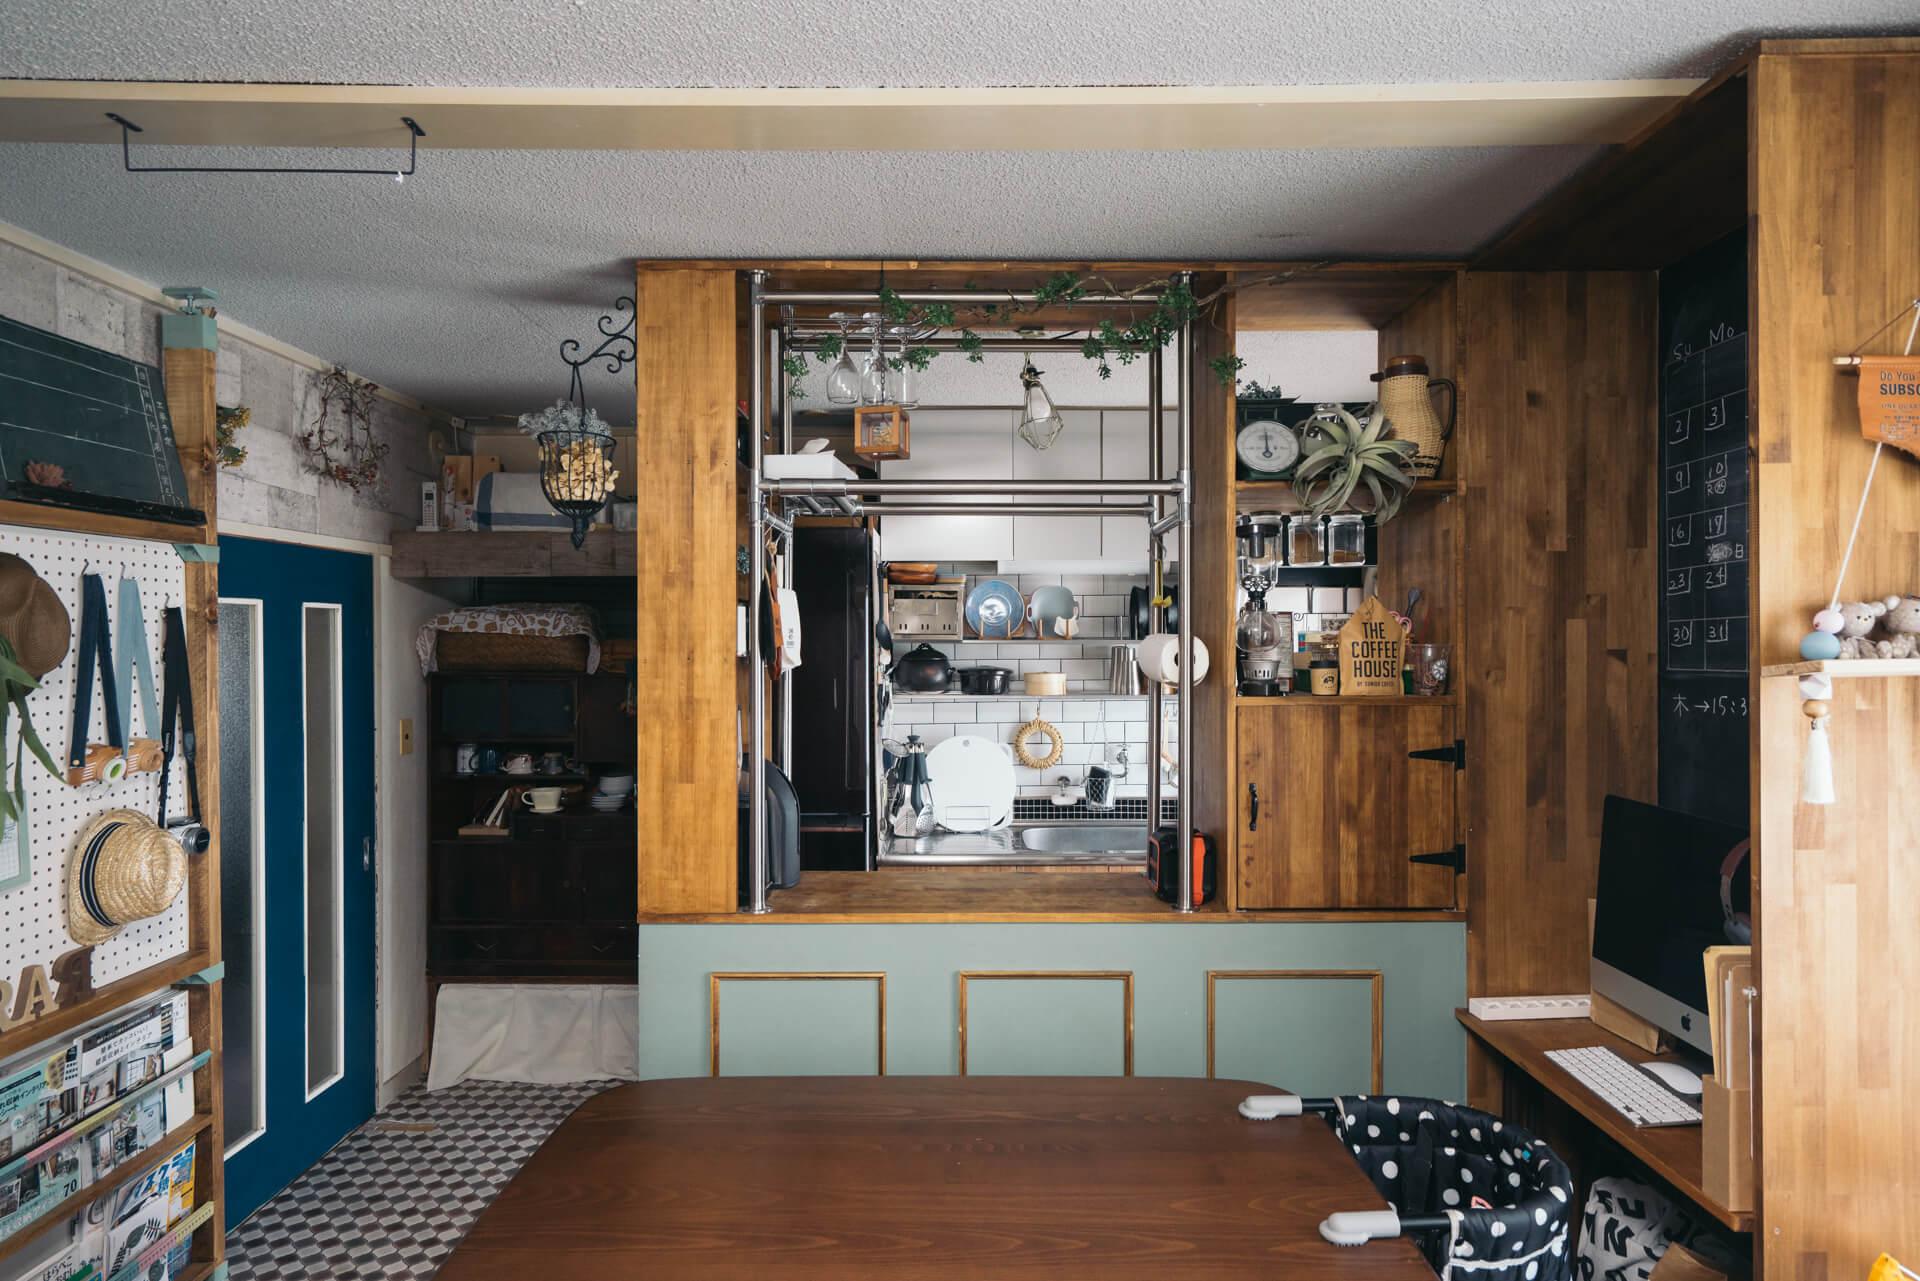 リビングから入り口を振り返ると、天井までの高さのあるキッチンカウンター。これは、sayo. さんの旦那さんが作ってくれたものだそう。